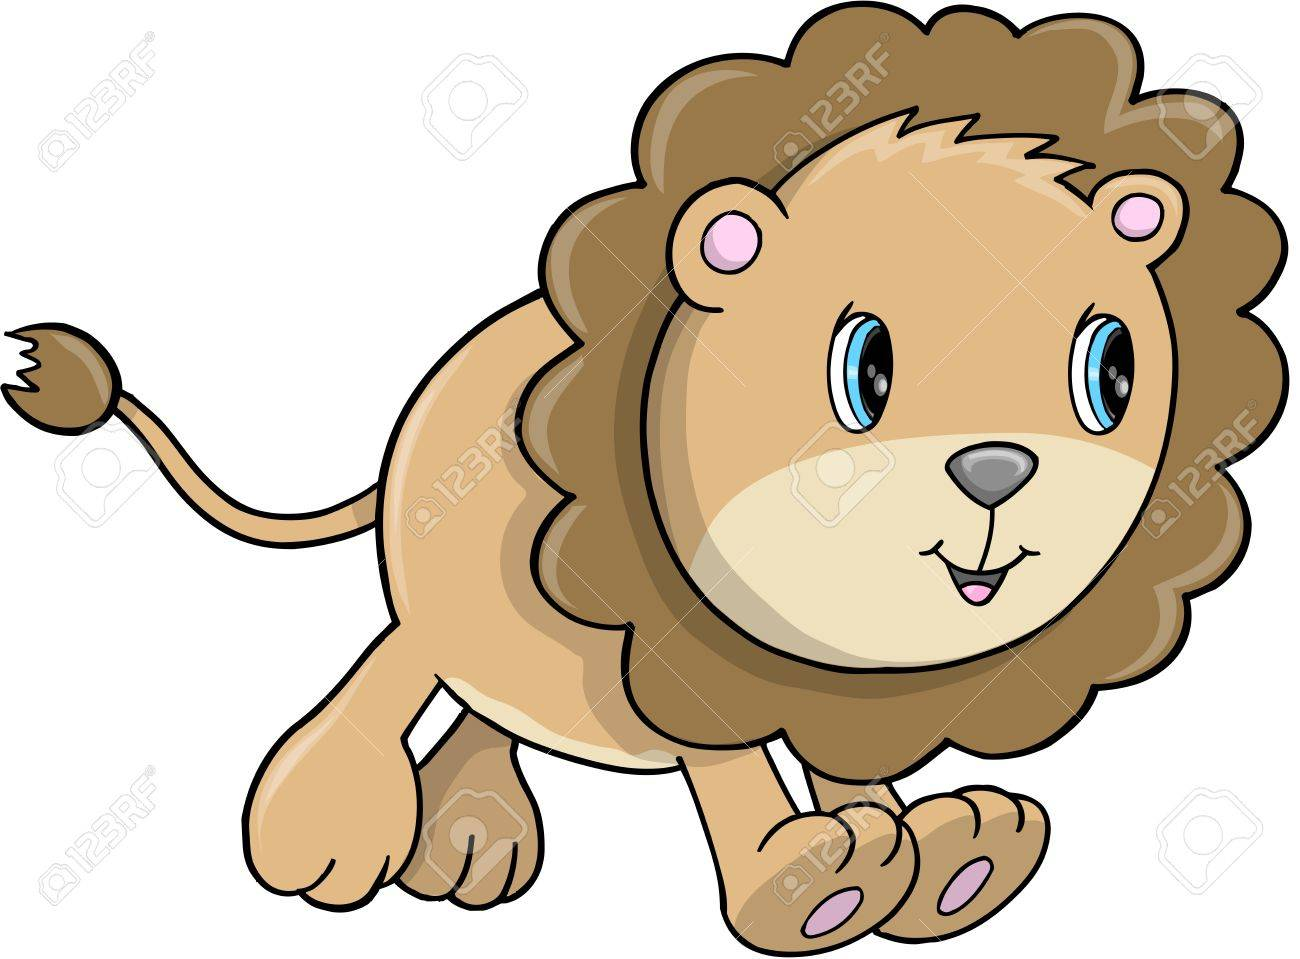 かわいいライオン幼いこども動物サファリ野生動物ベクトル イラスト